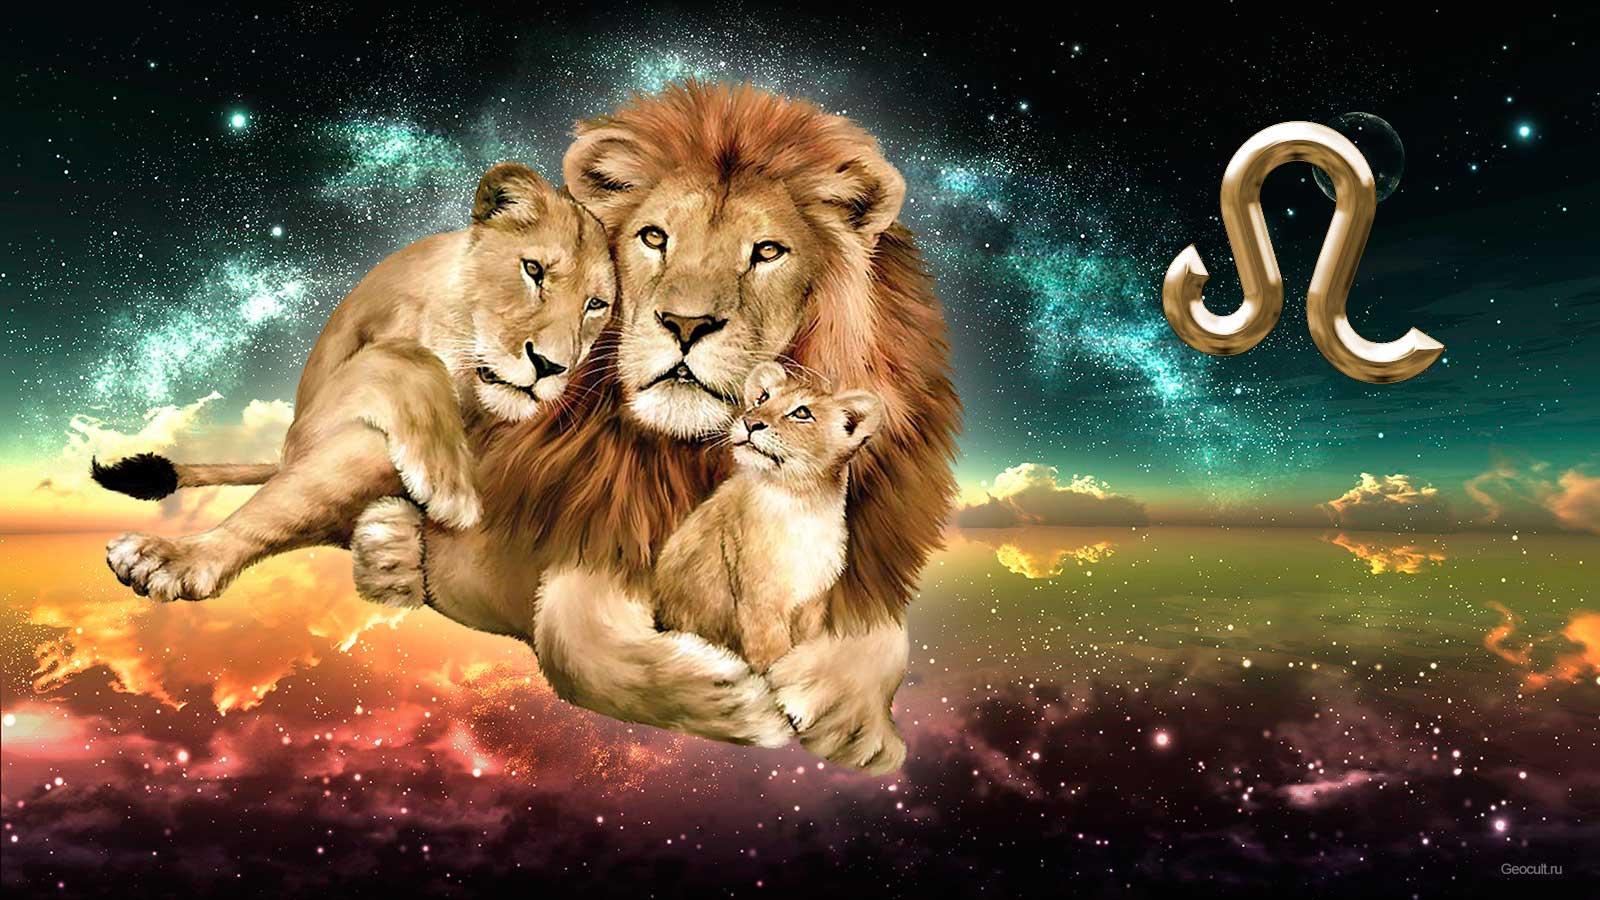 Поздравление с днём рождения львам по гороскопу фото 874